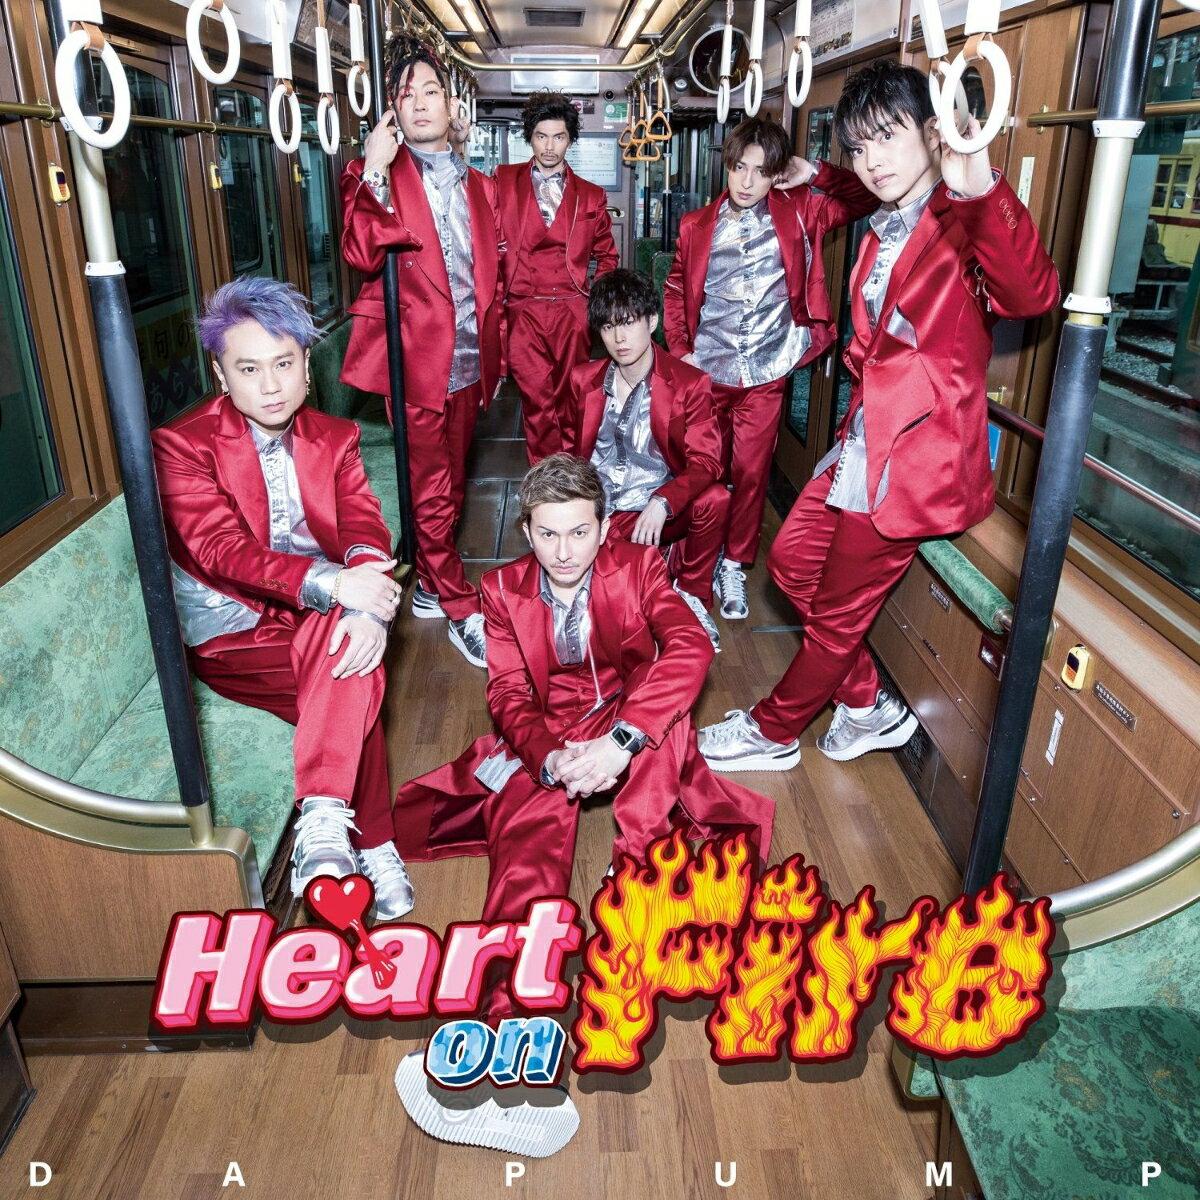 Heart on Fire (初回限定盤 CD+DVD+スマプラ)画像